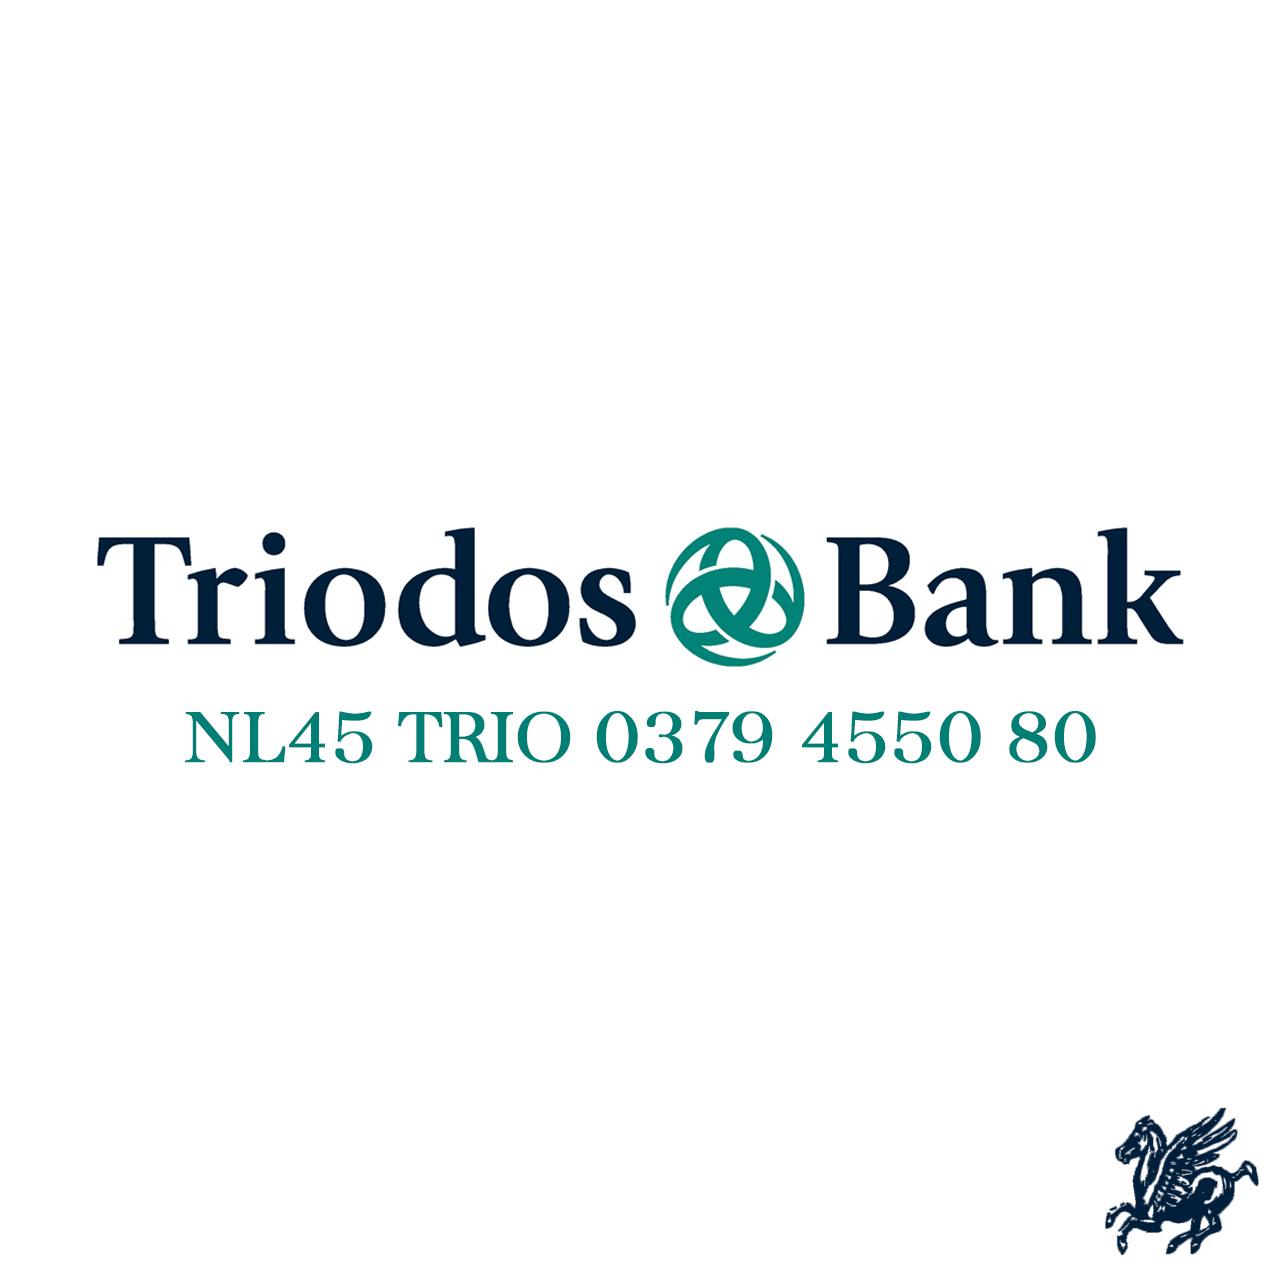 De UHSK is overgestapt naar Triodos Bank!